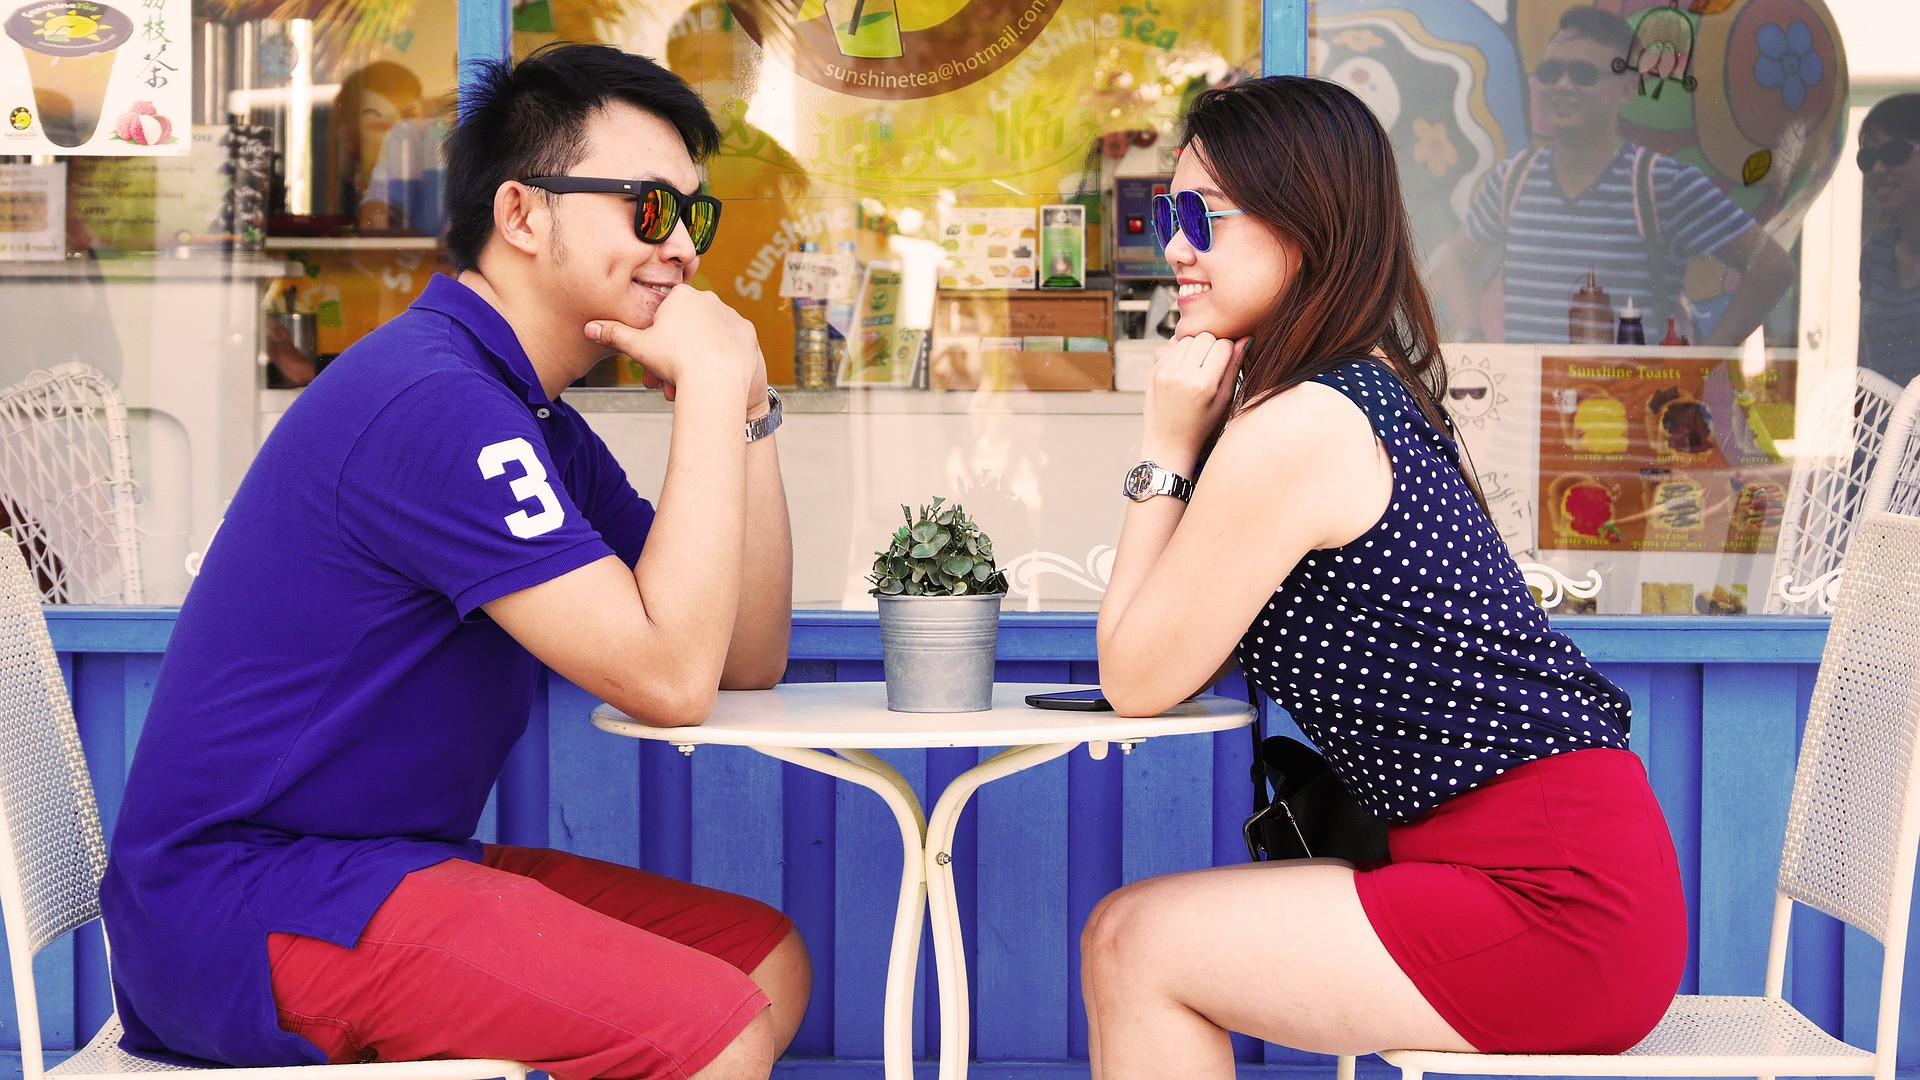 Ingin Tahu Berapa Besar Cinta Dia ke Anda, Perhatikan 5 Tanda Ini - JPNN.com